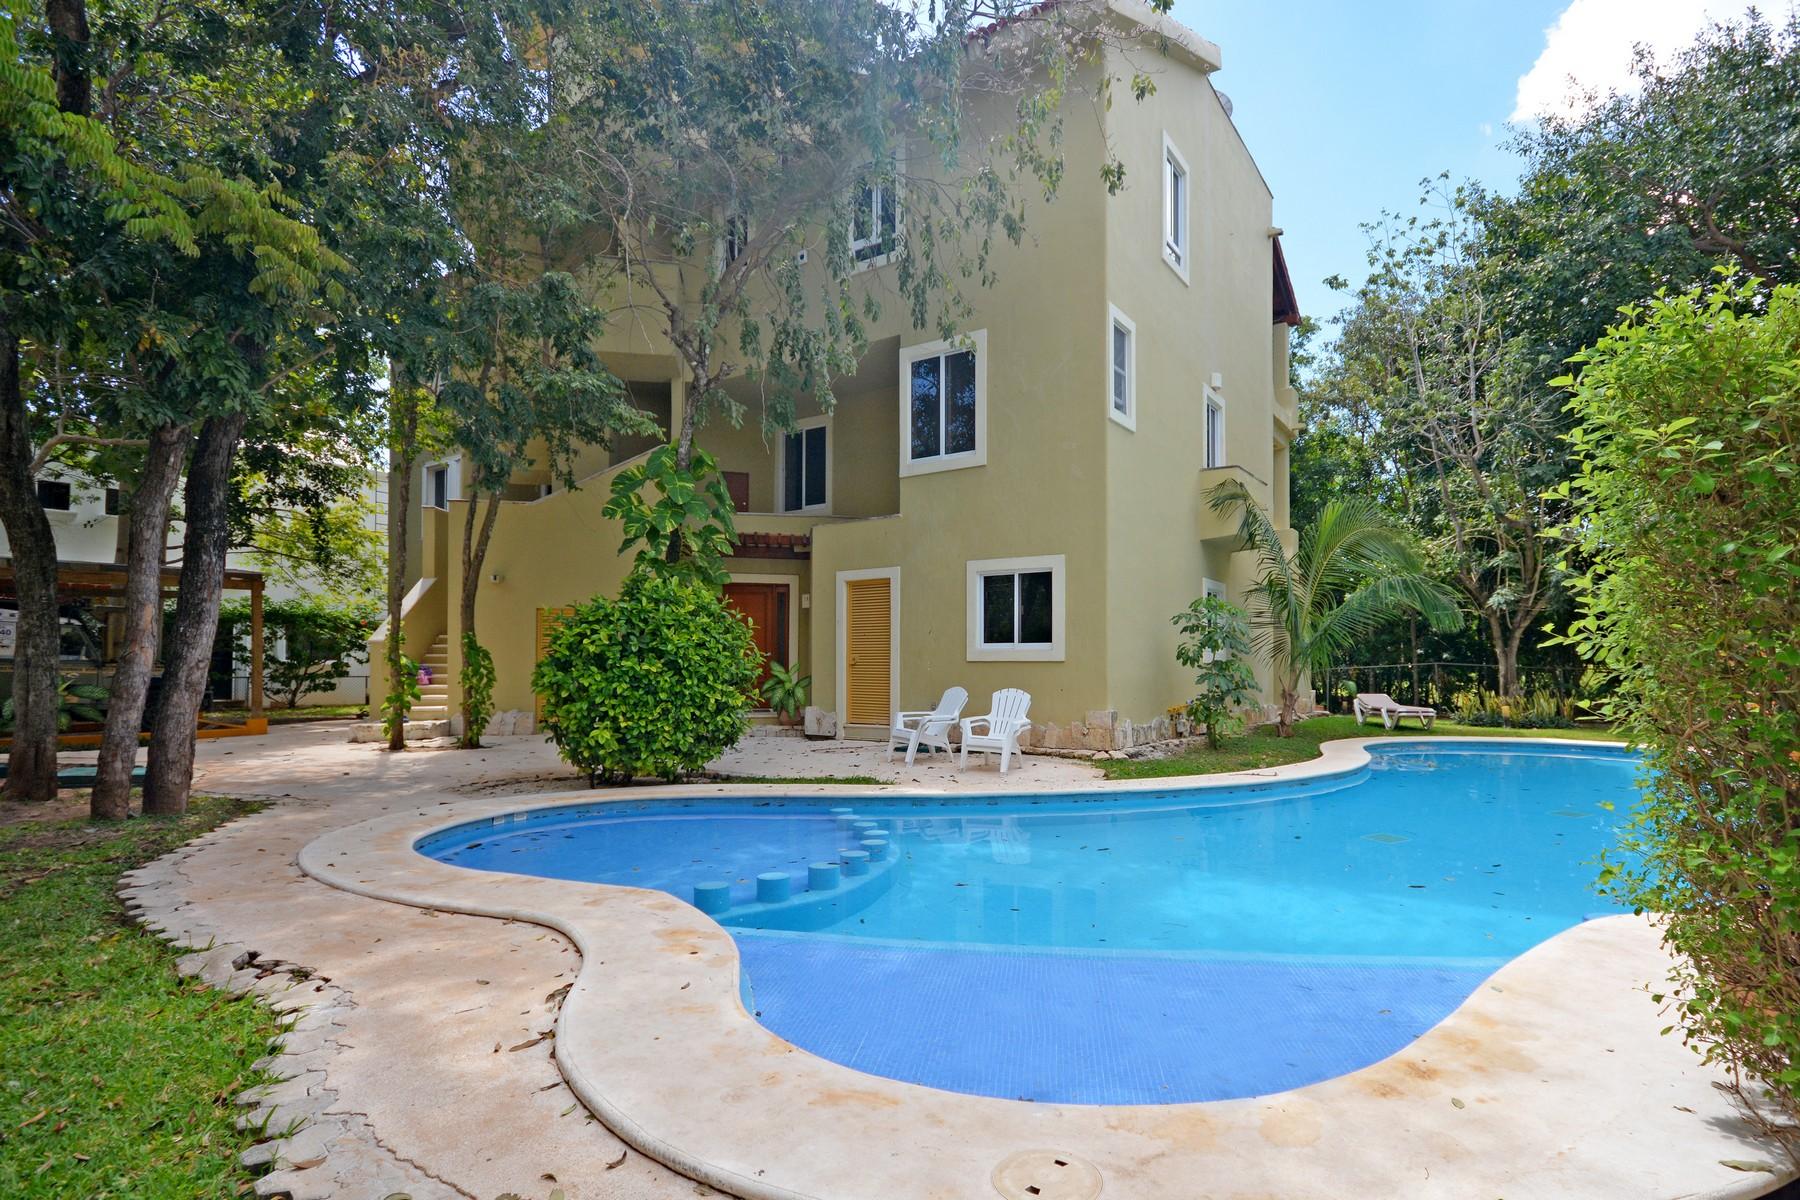 Condominium for Sale at CASA AMIGOS Avenida Paseo Coba Condominio Hoyo 4, PH #103 Playa Del Carmen, Quintana Roo 77710 Mexico